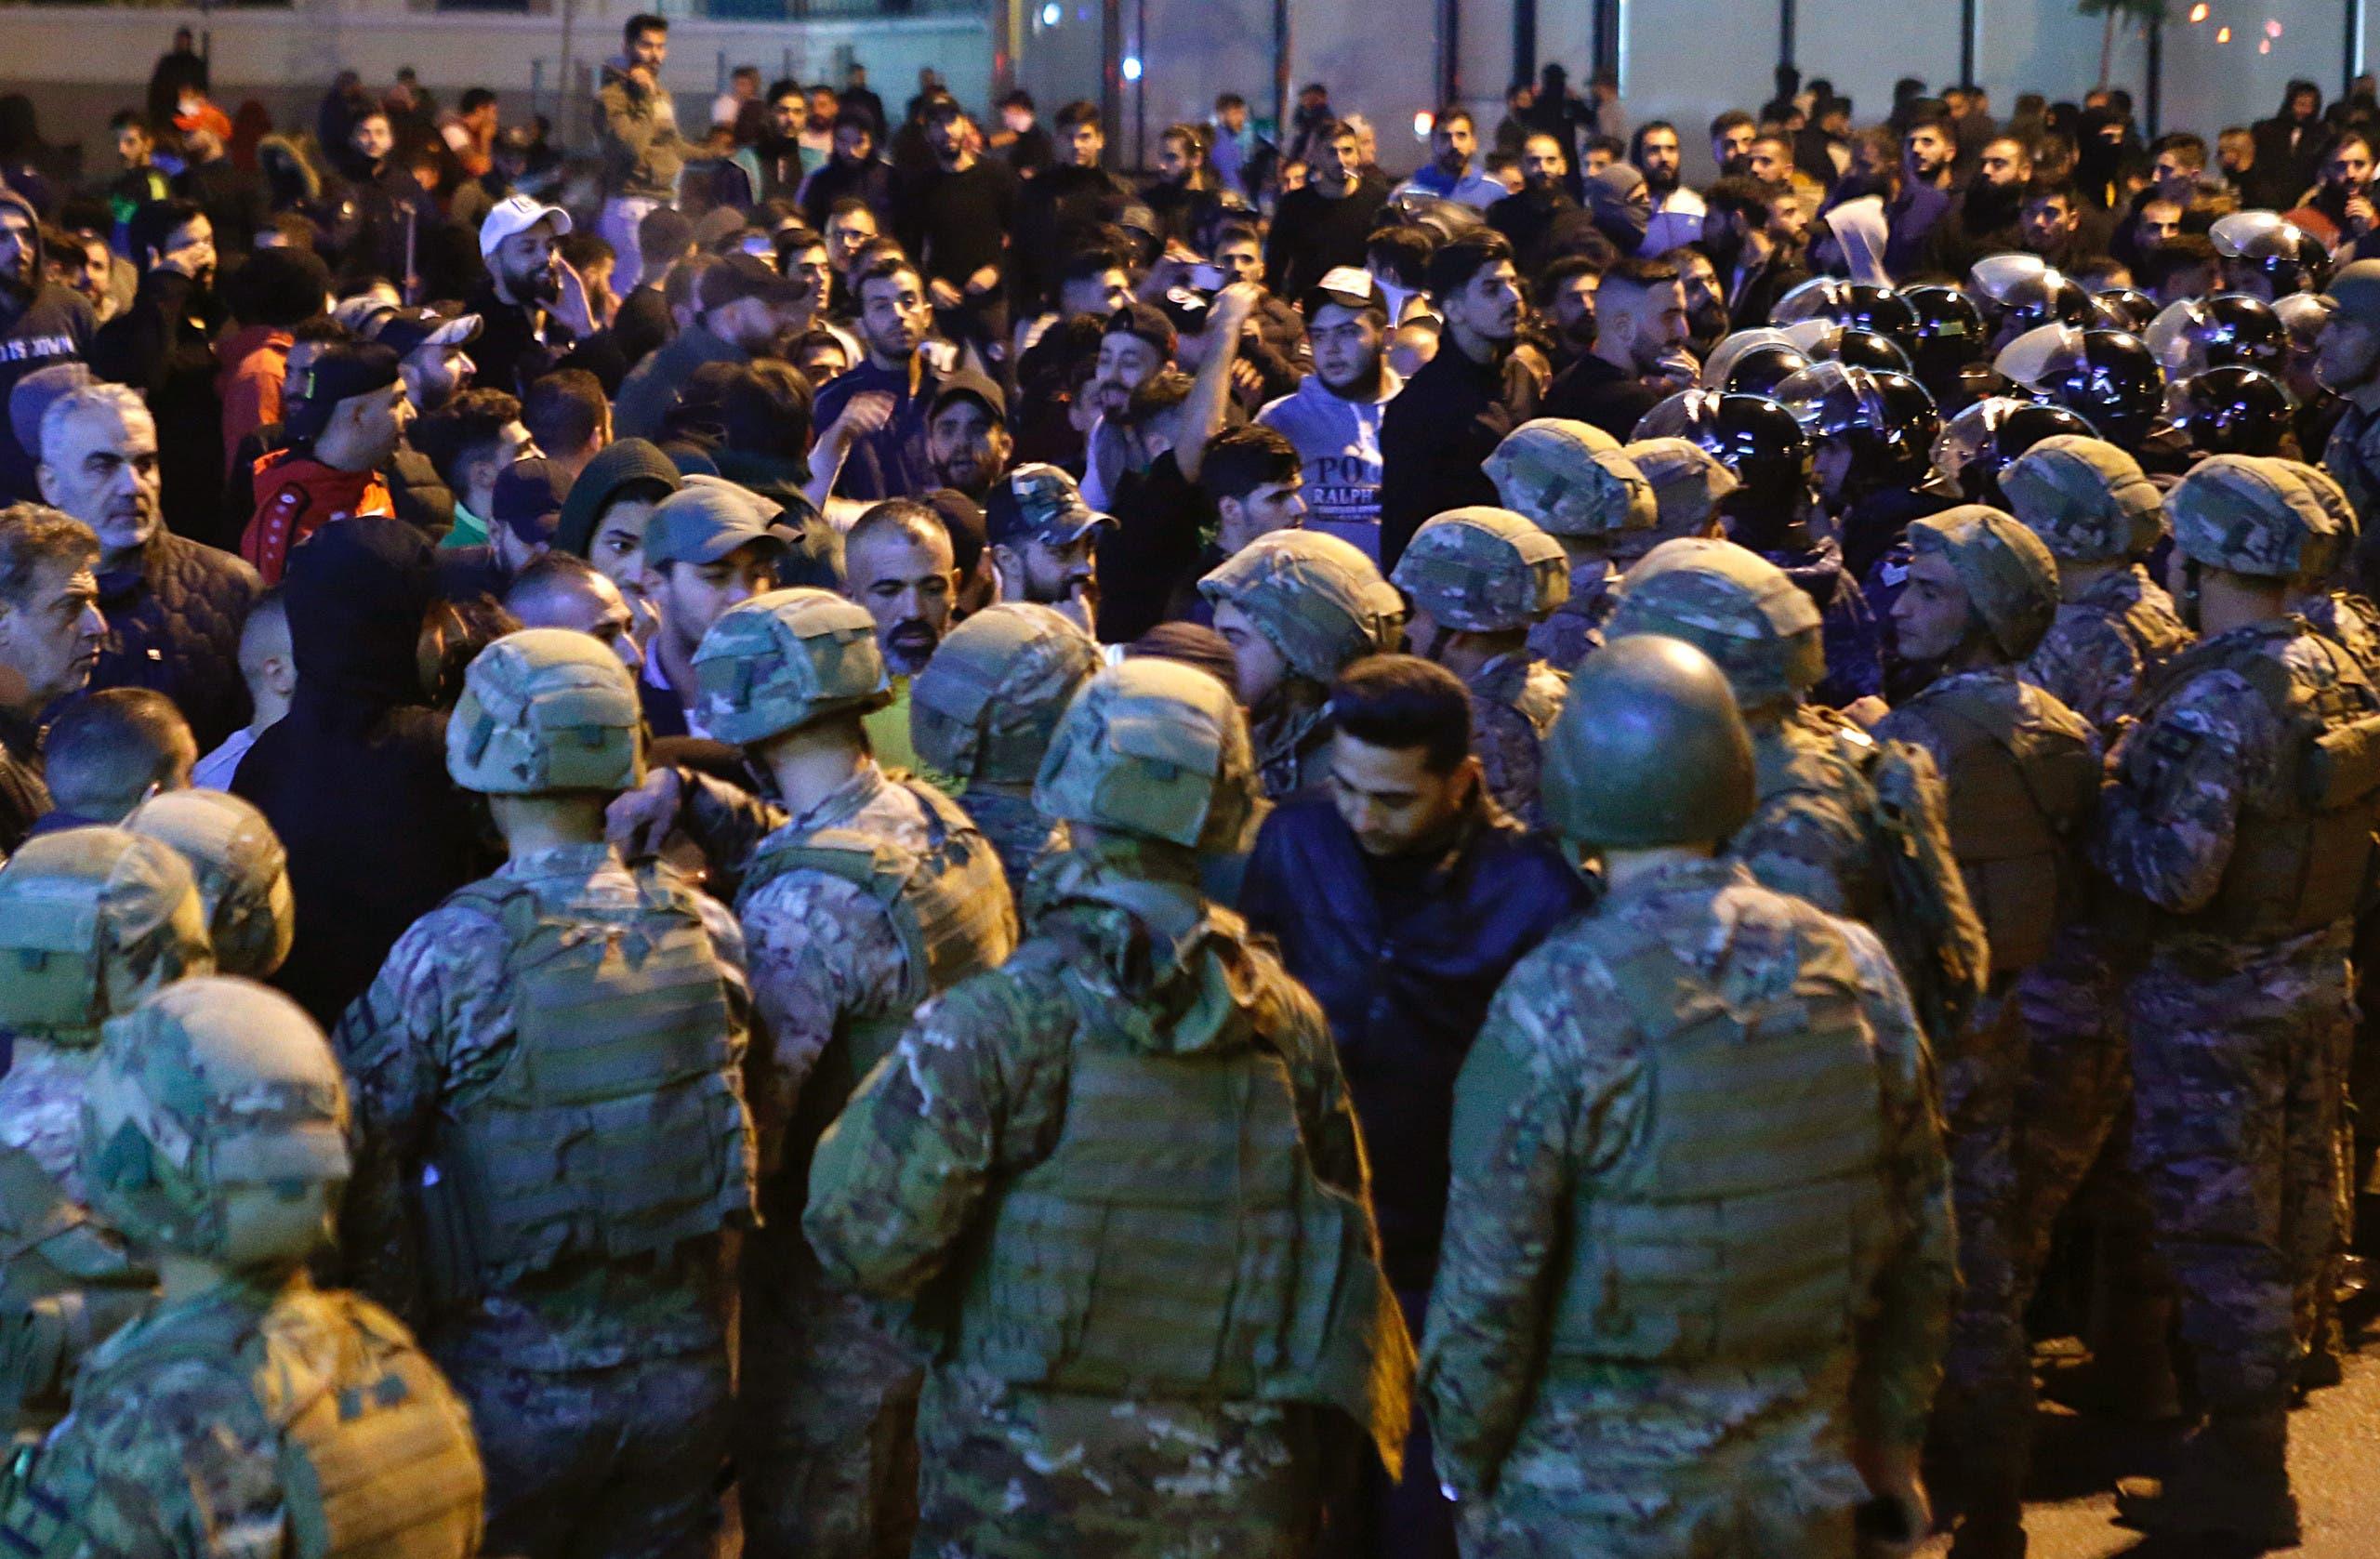 جنود من الجيش اللبناني ينتشرون بعد اشتباك بين المتظاهرين وأنصار حزب الله وأمل وسط بيروت